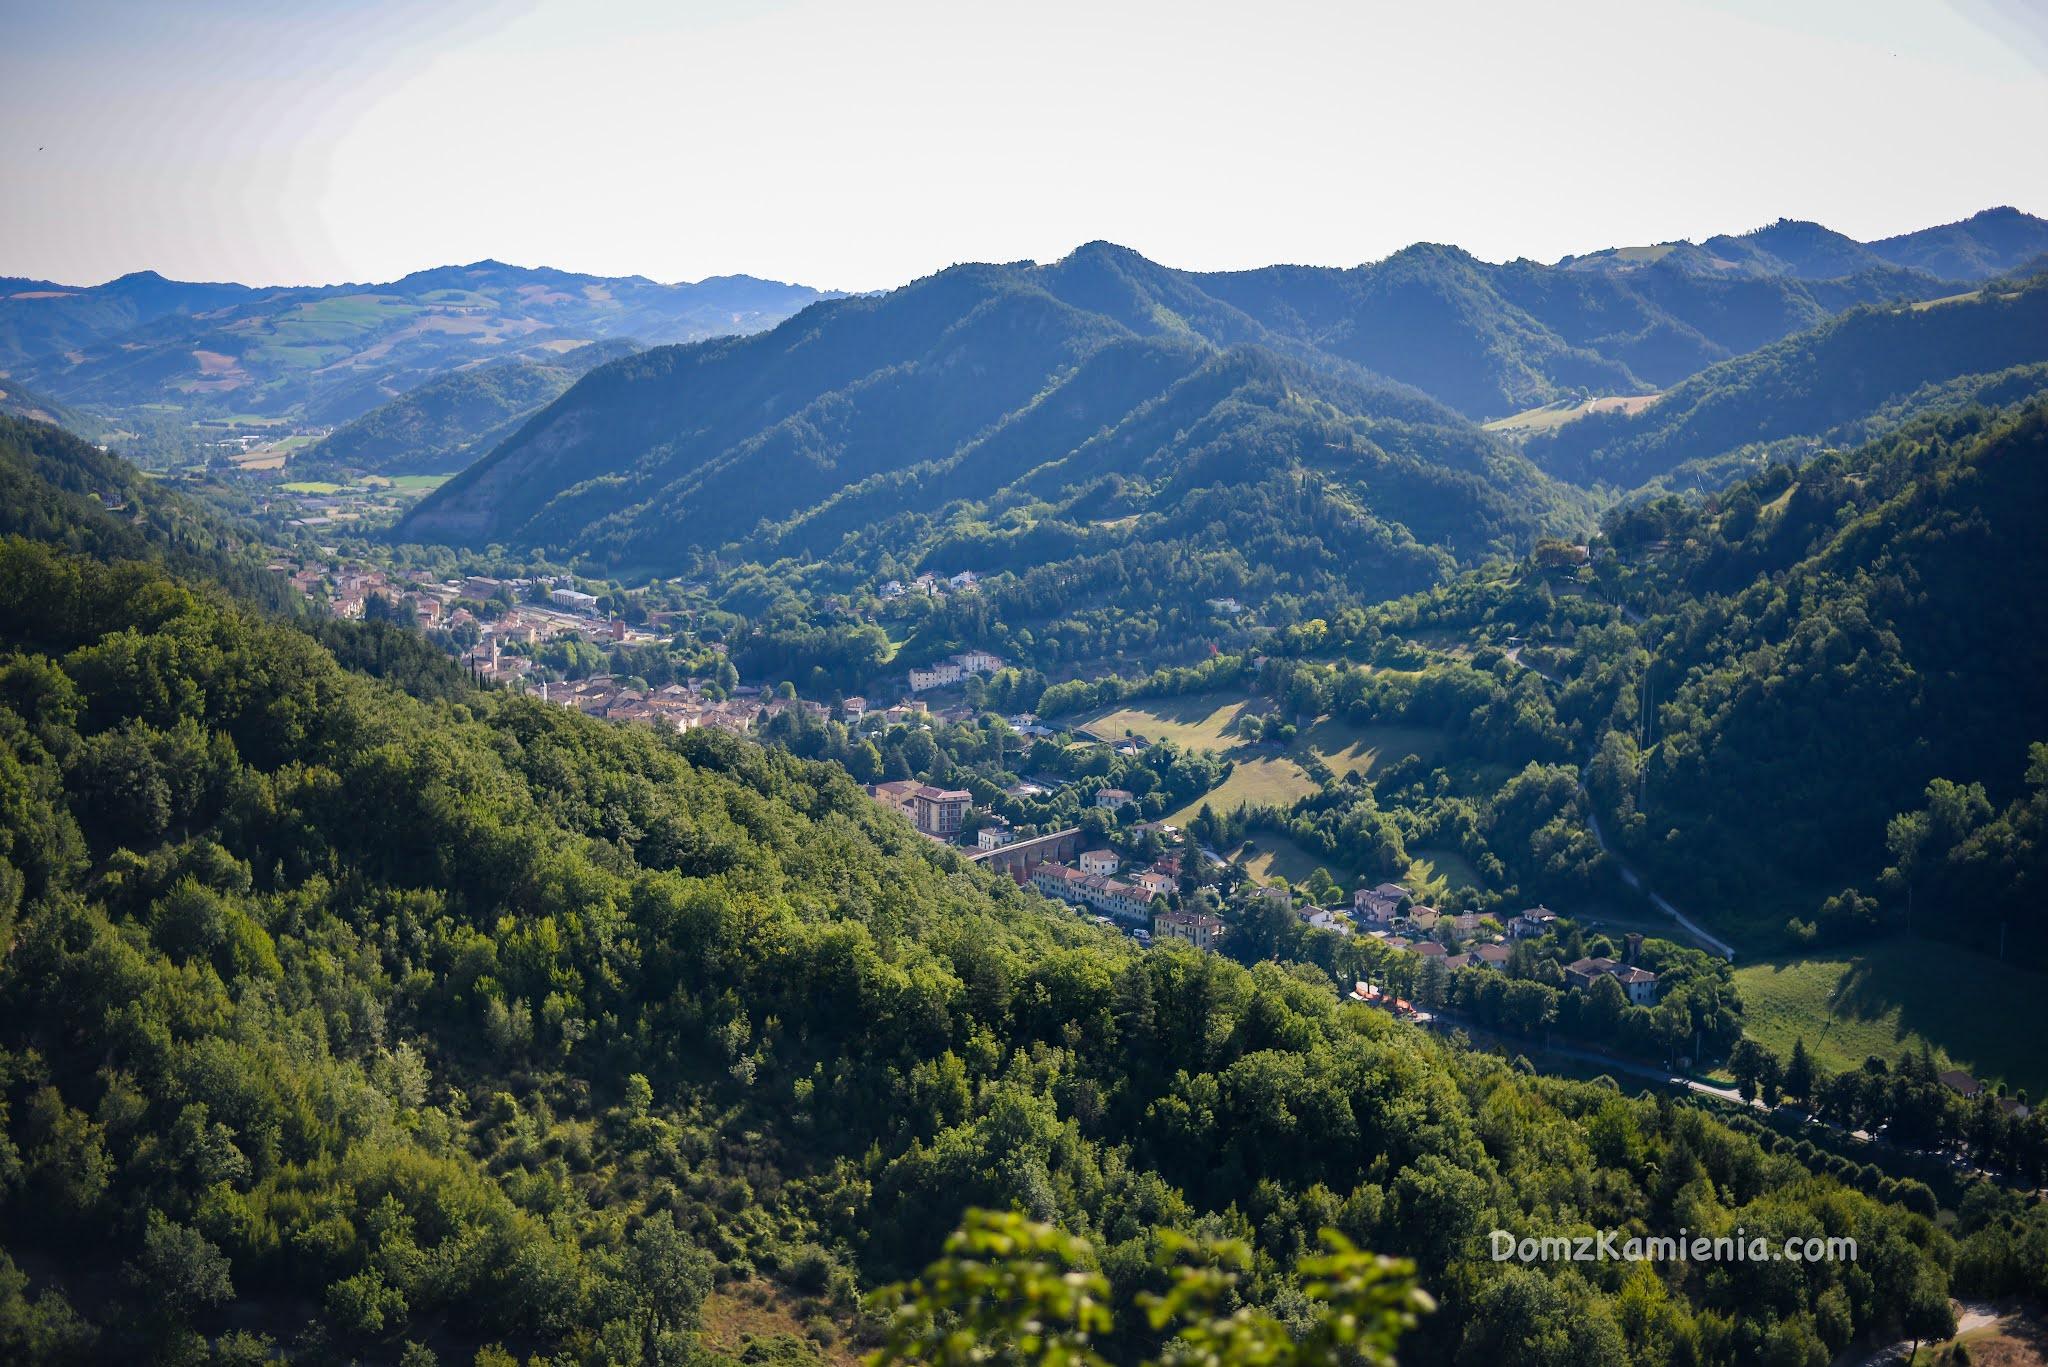 Dom z Kamienia, trekking, Marradi - Biforco